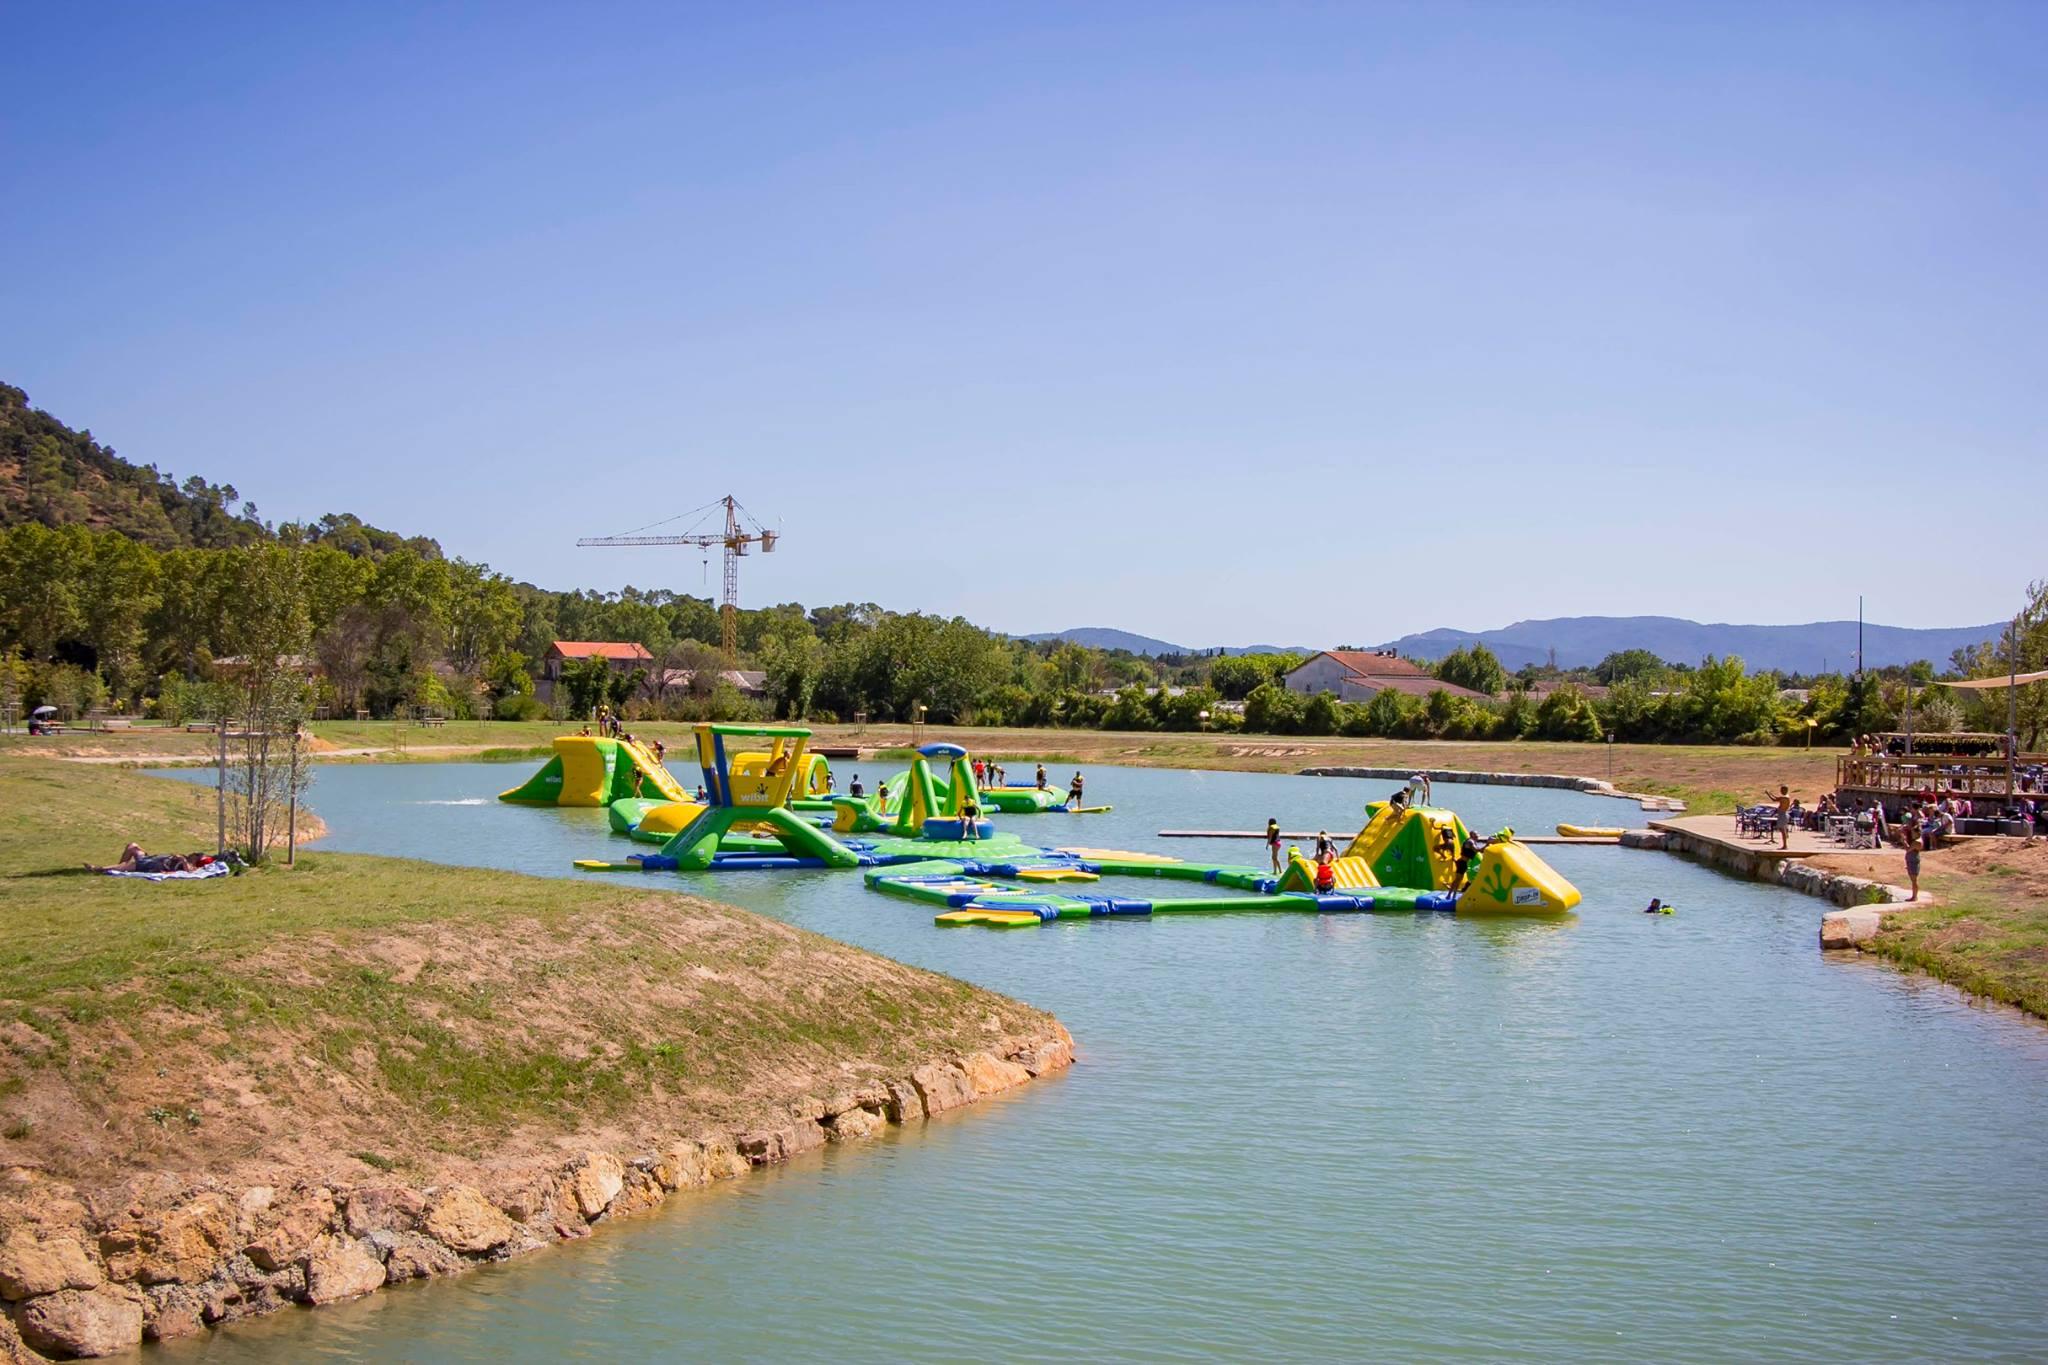 Parc de Loisirs Dracénie Provence